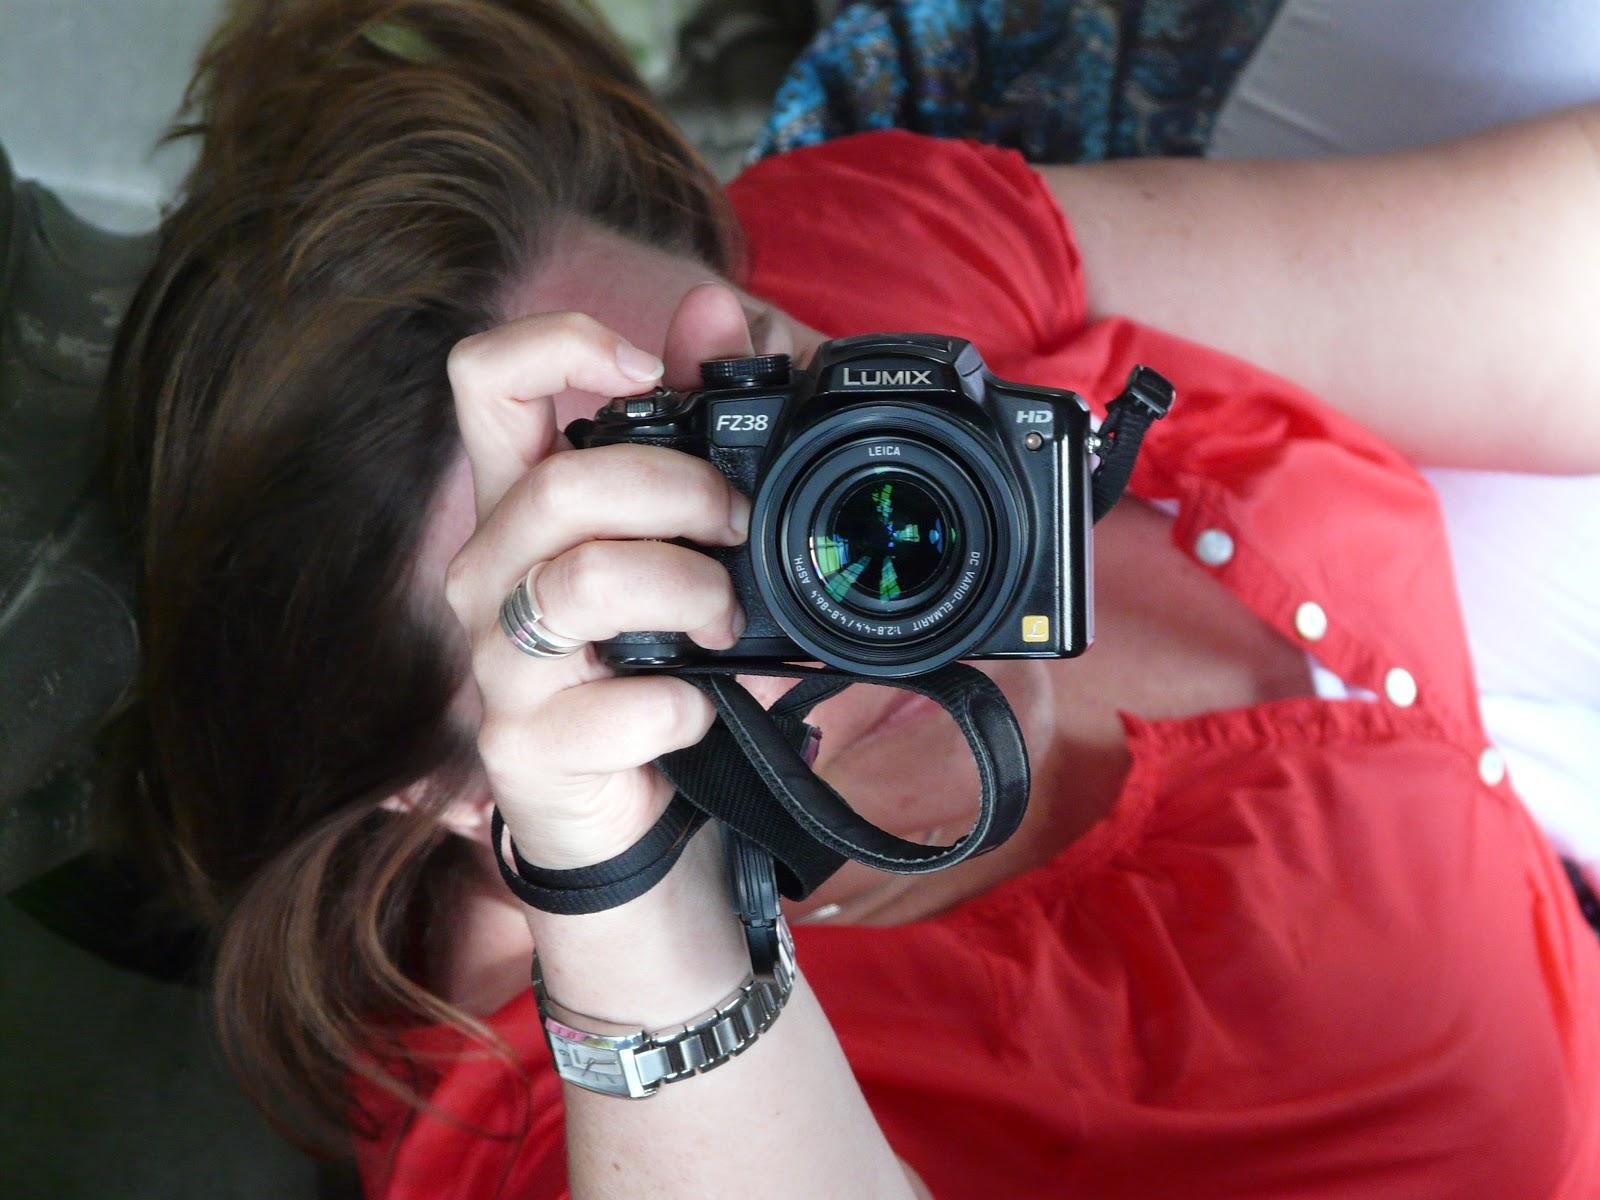 Fotografin bei der Arbeit | Ala's Kunterbunt